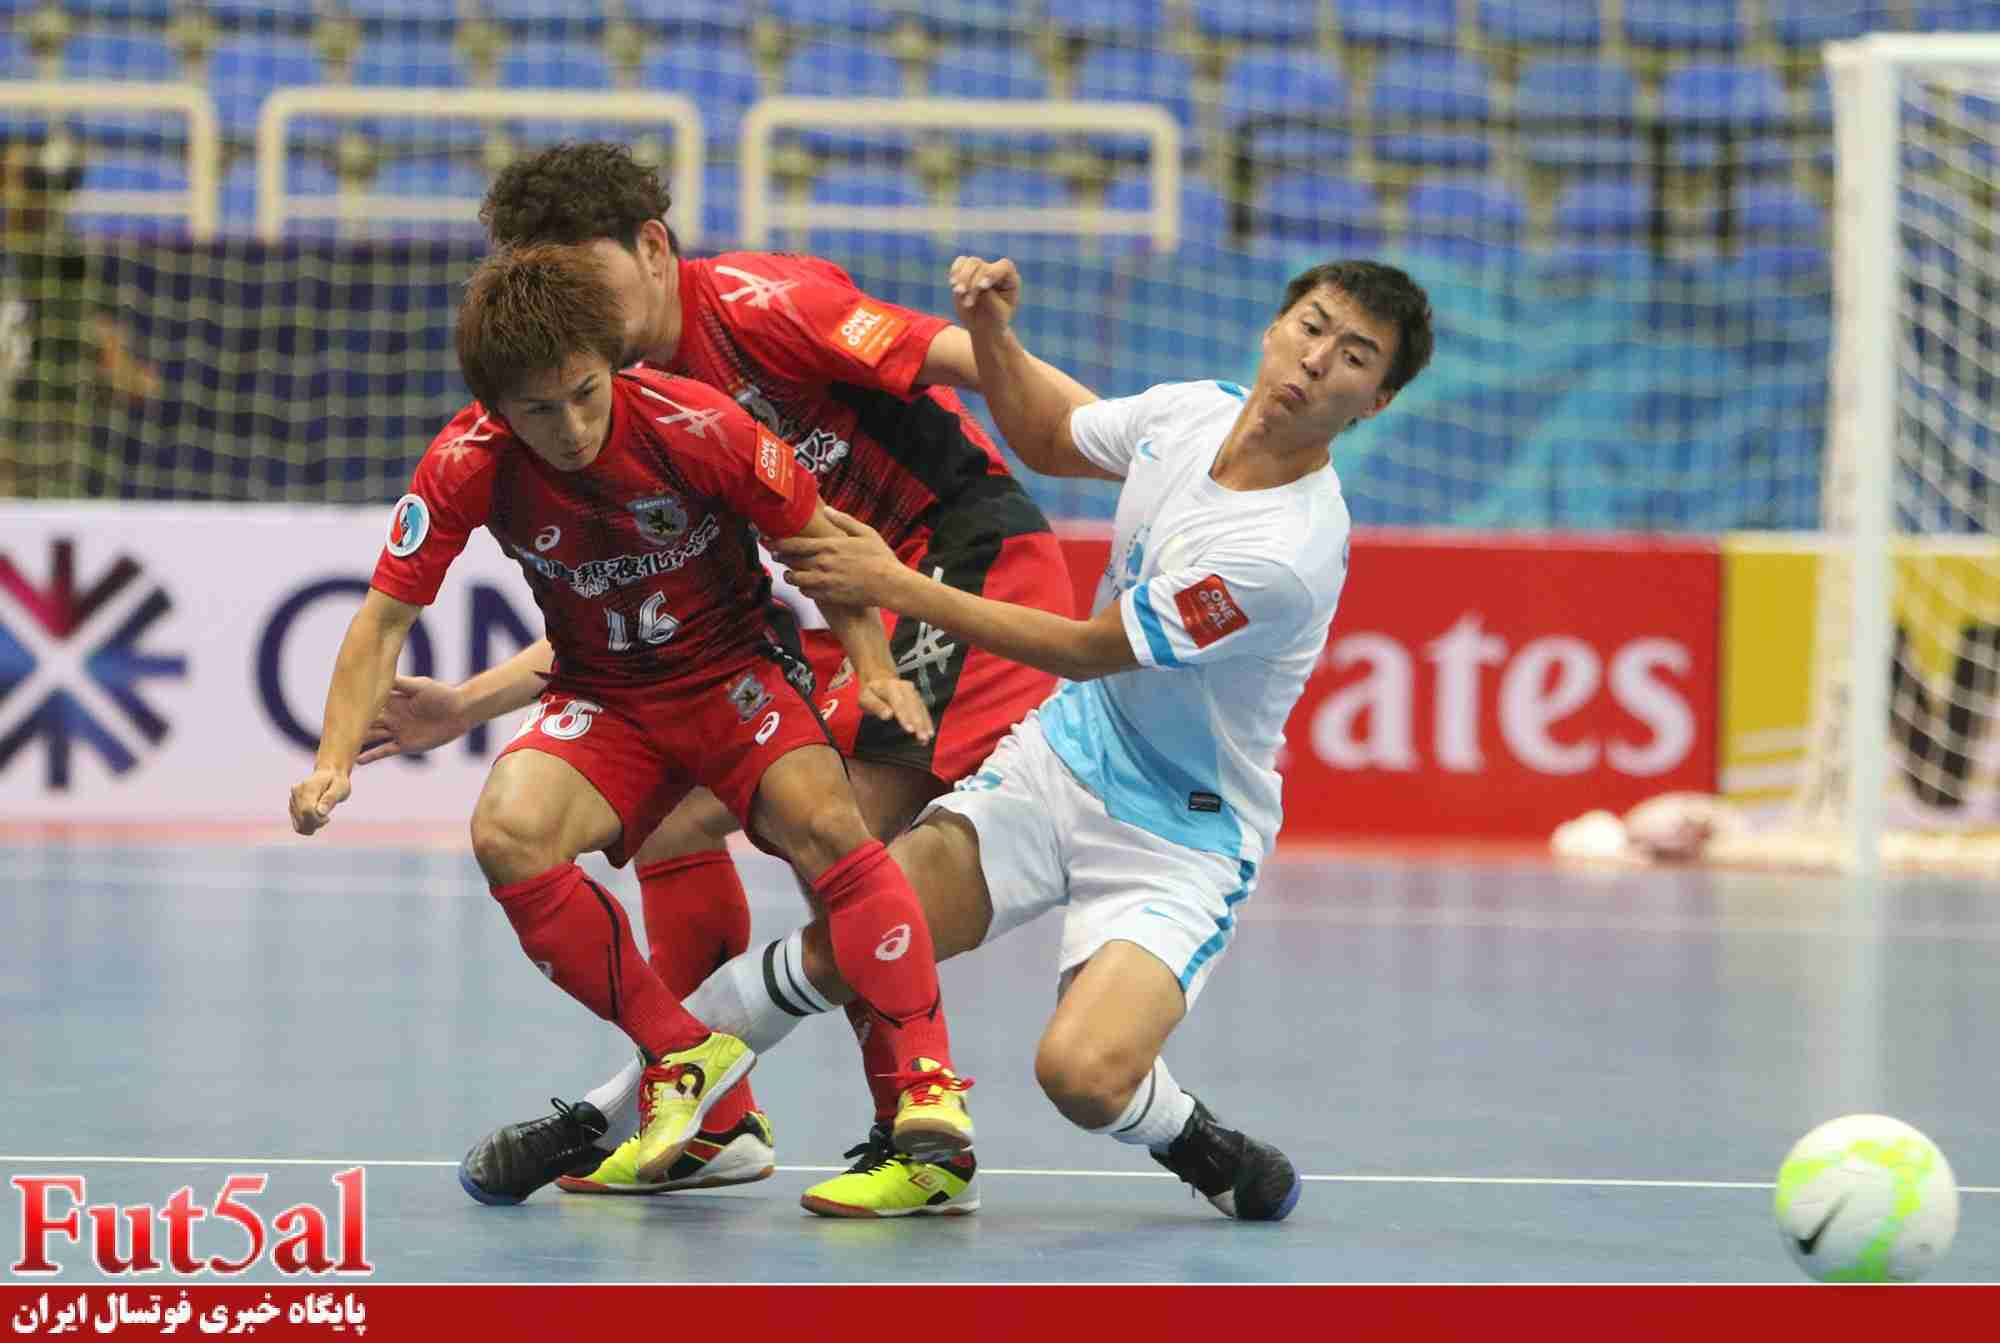 امجک قرقیزستان شگفتی دوم را رقم زد/ناگویا متوقف شد!